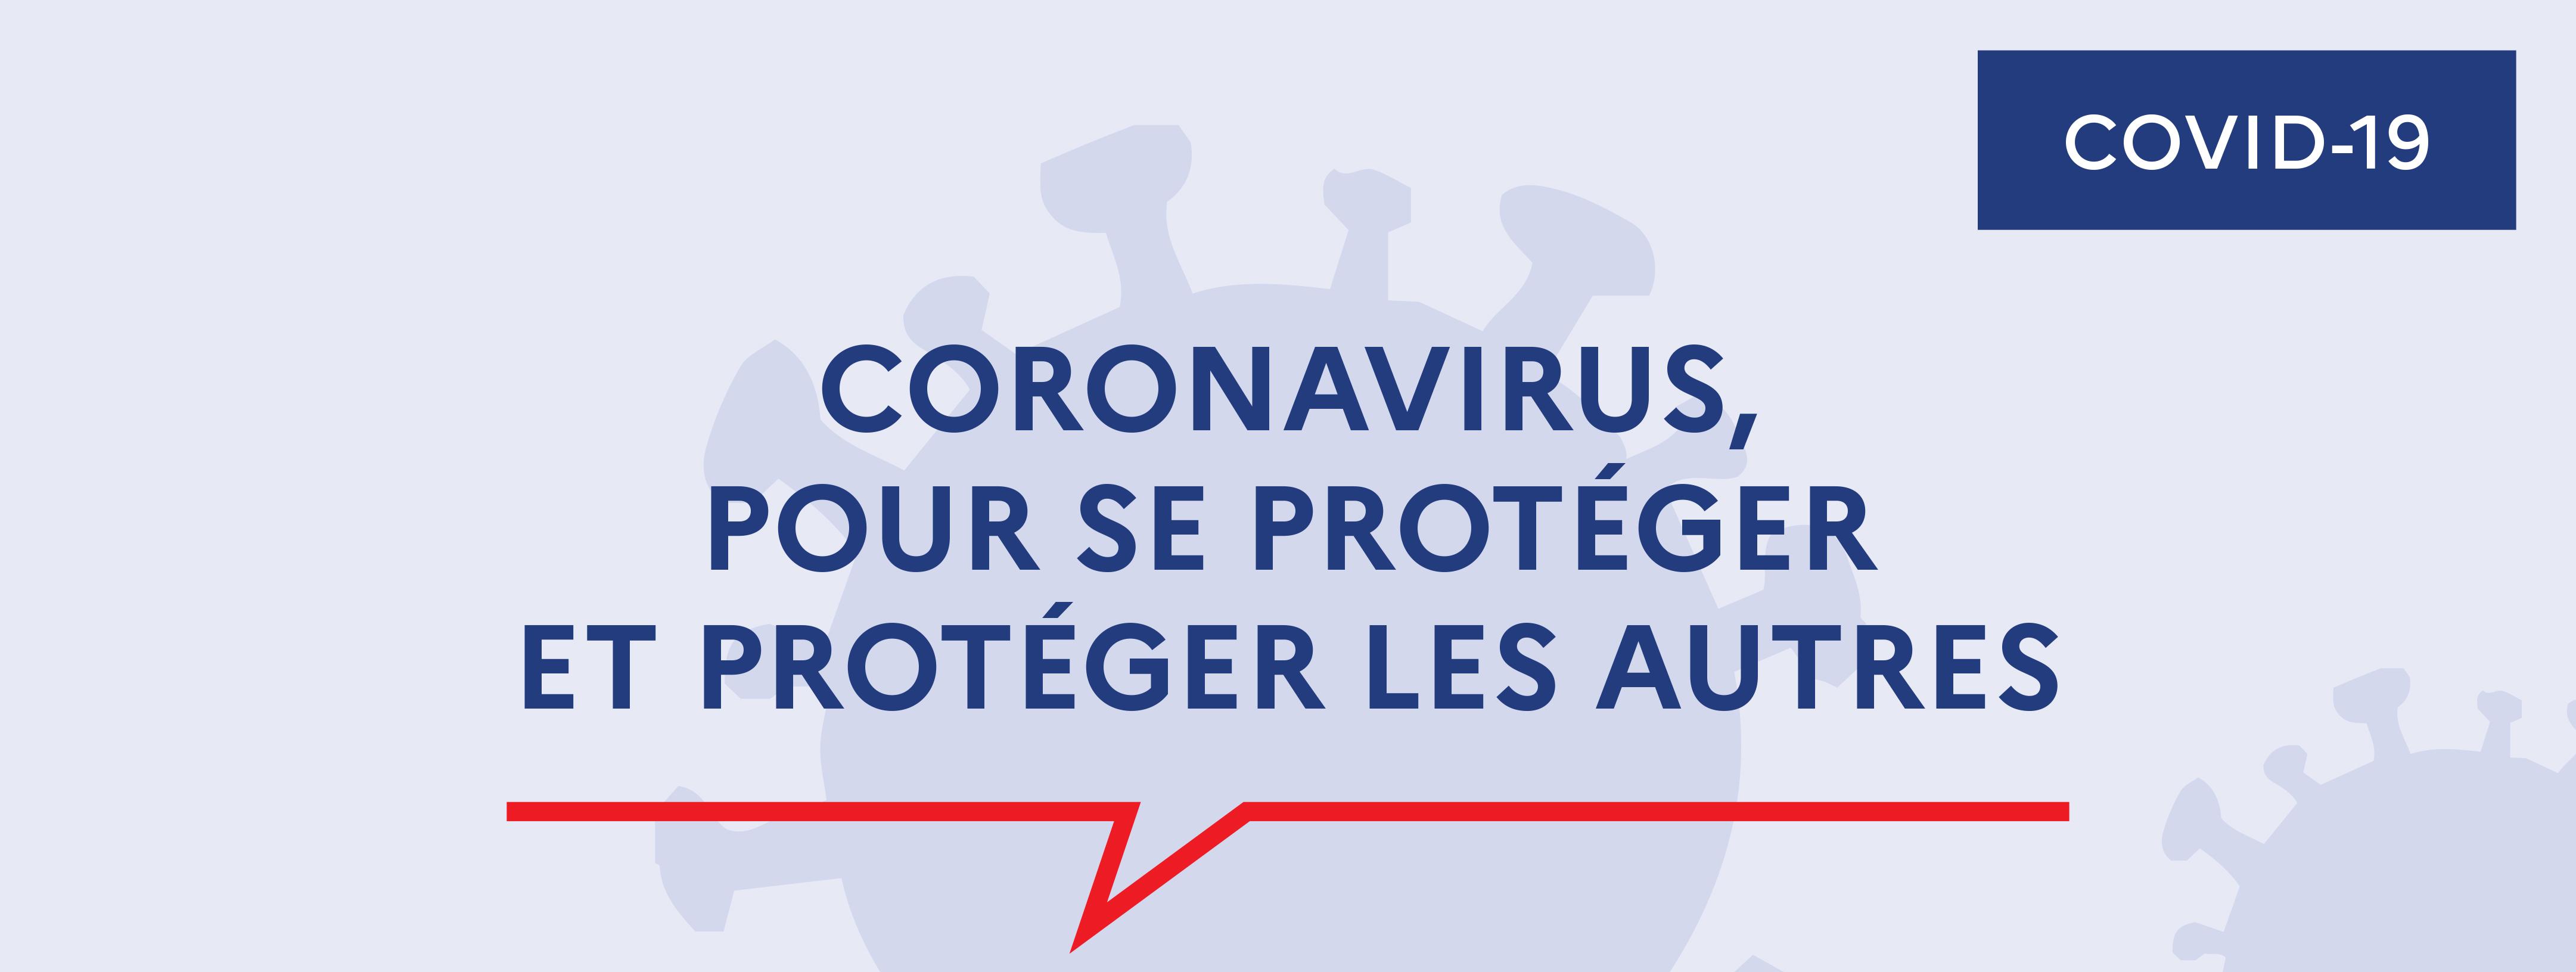 Info coronavirus : se protéger et protéger les autres